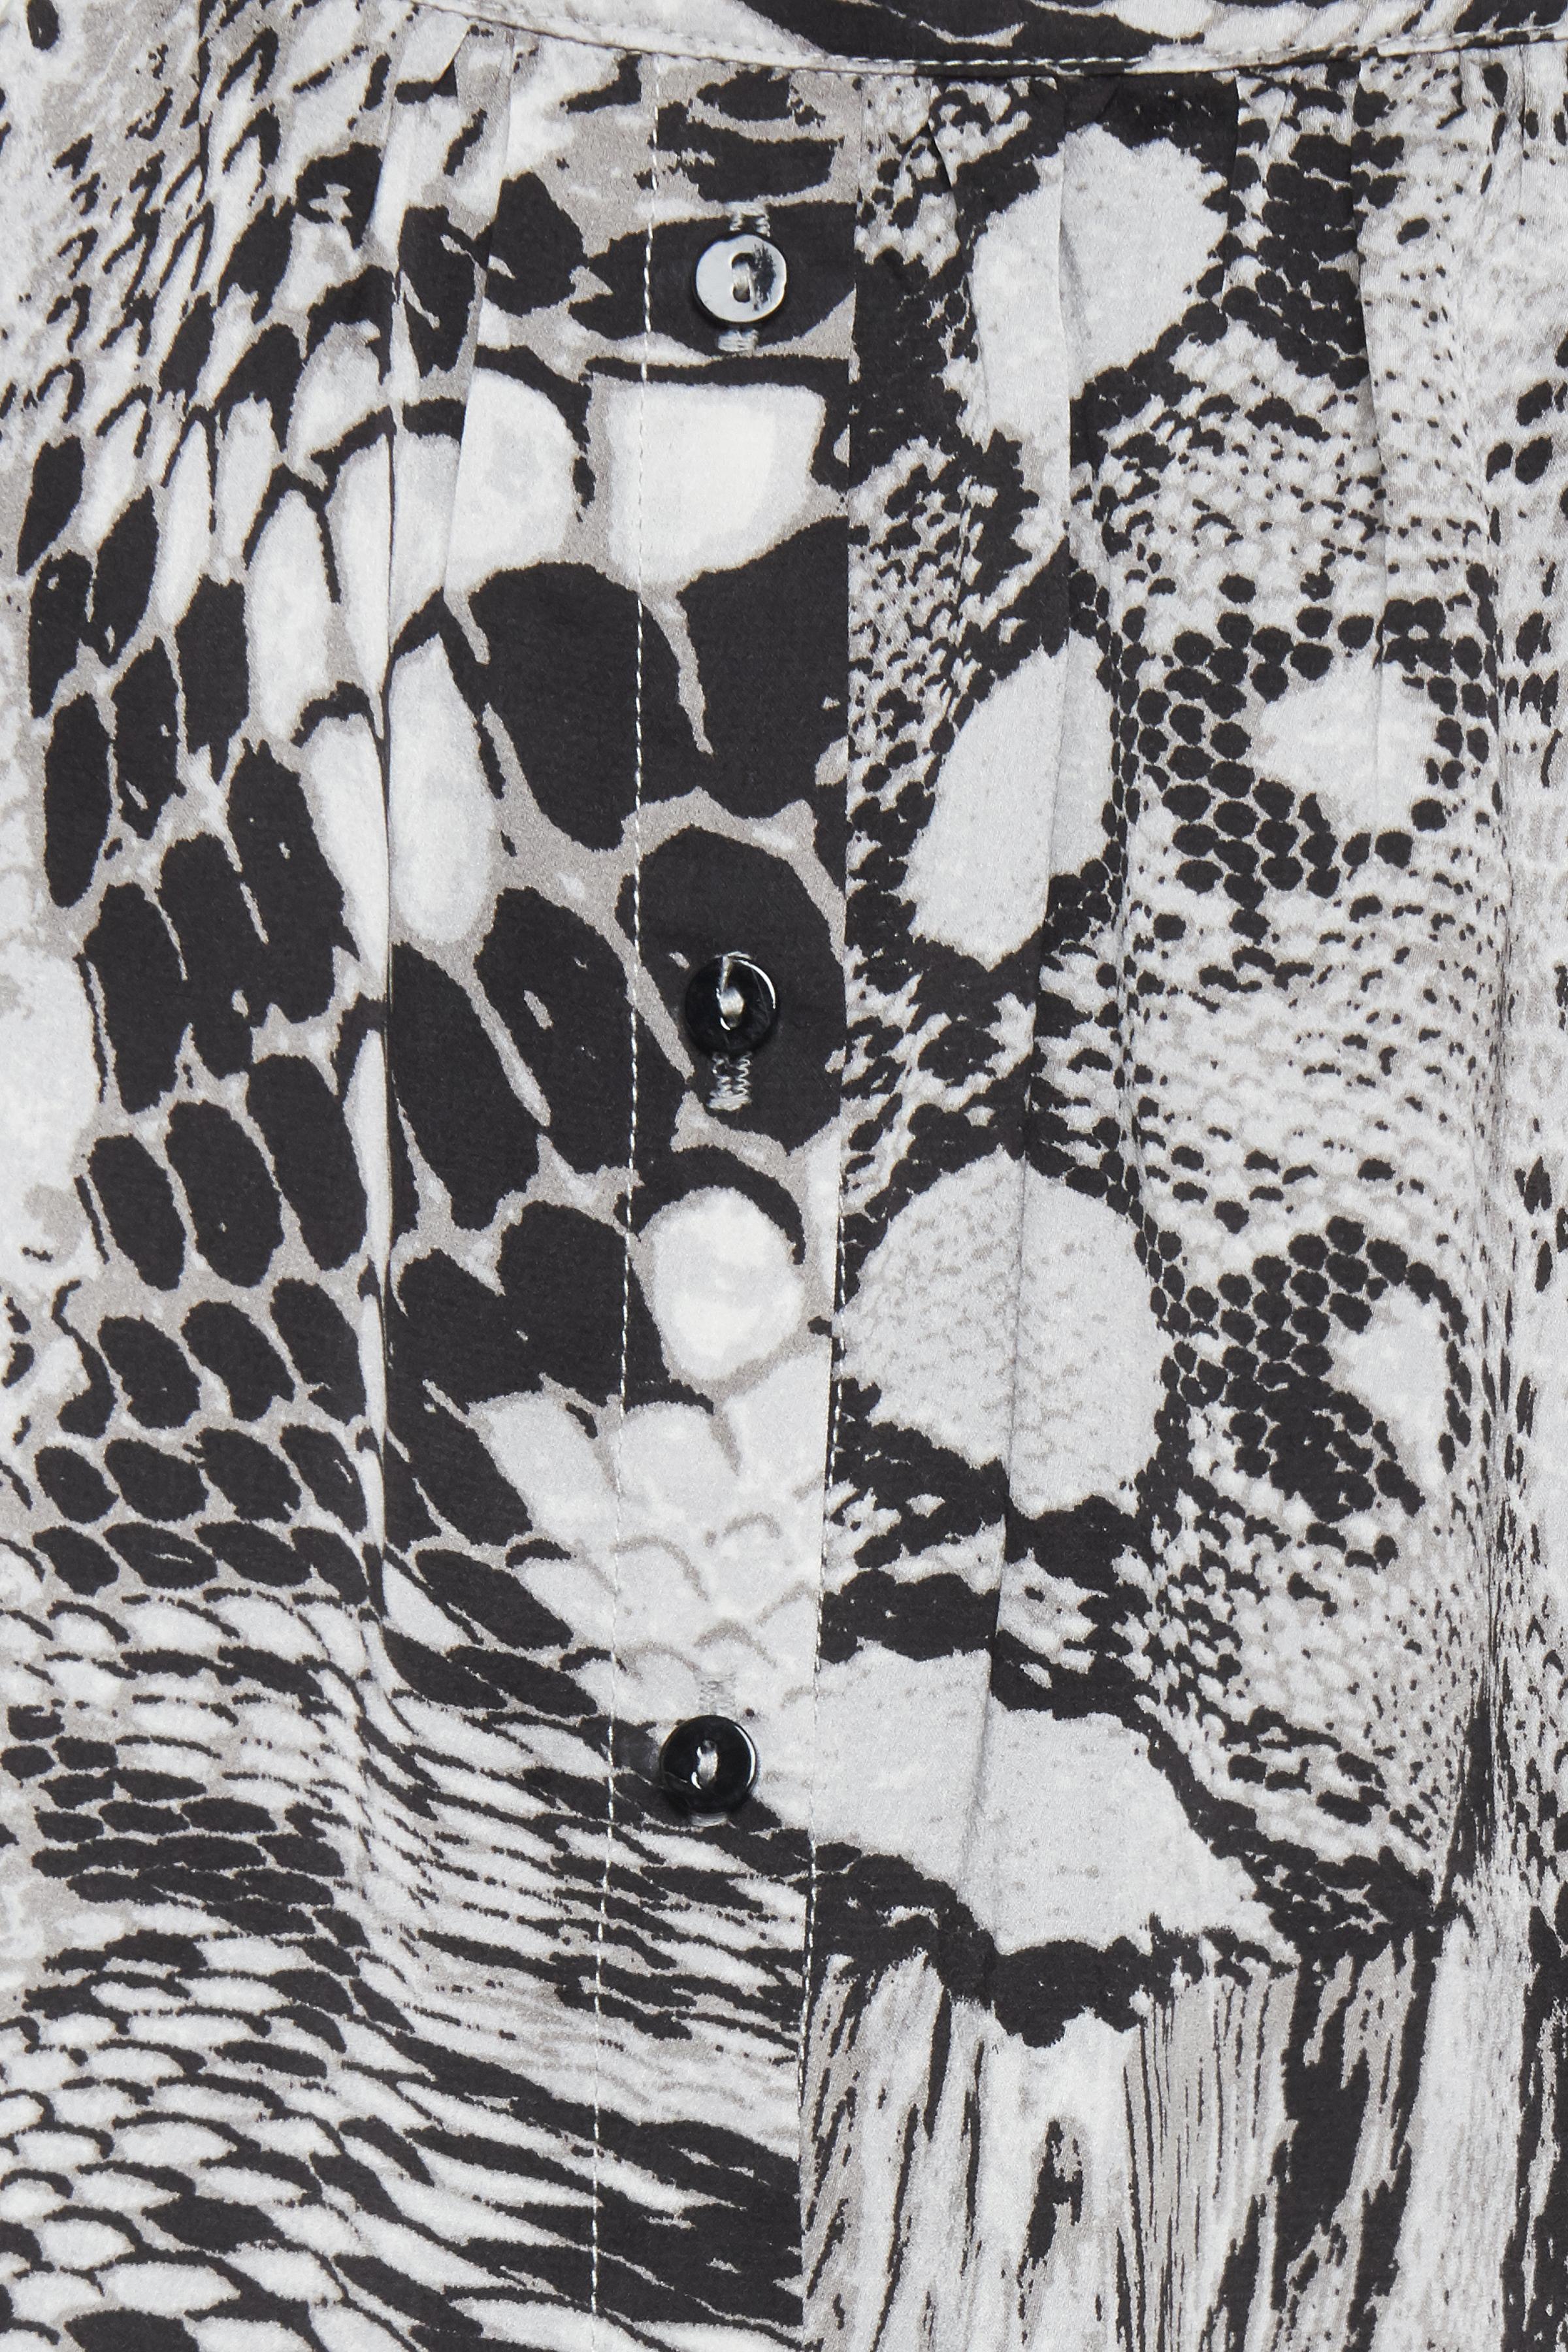 Snake combi 1 Kjol från b.young – Köp Snake combi 1 Kjol från storlek 34-42 här